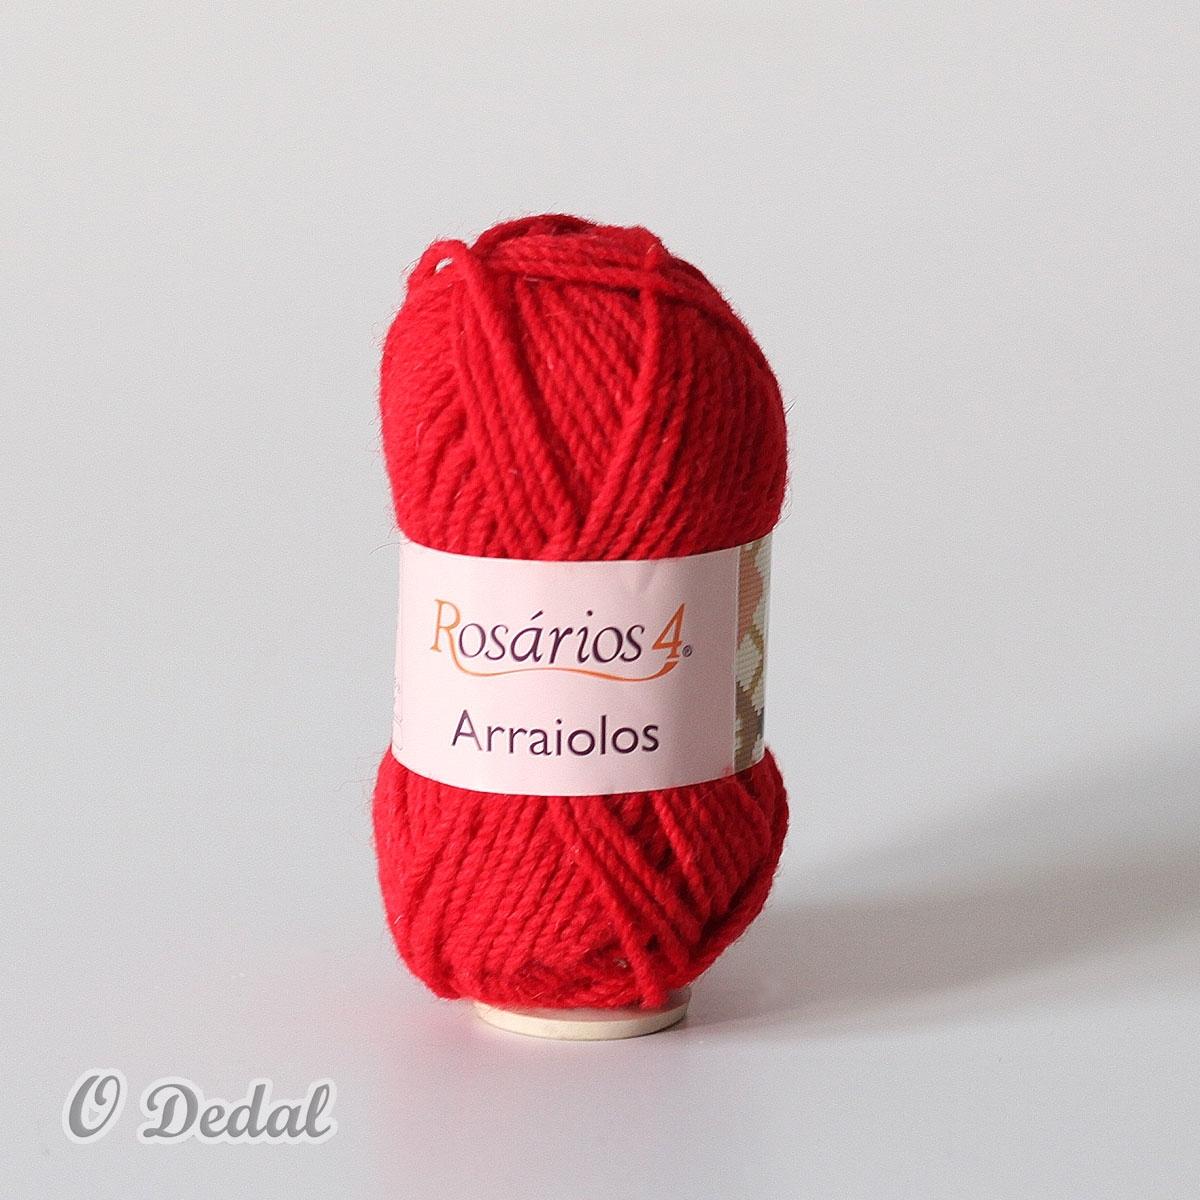 Lã Rosários 4 - 565